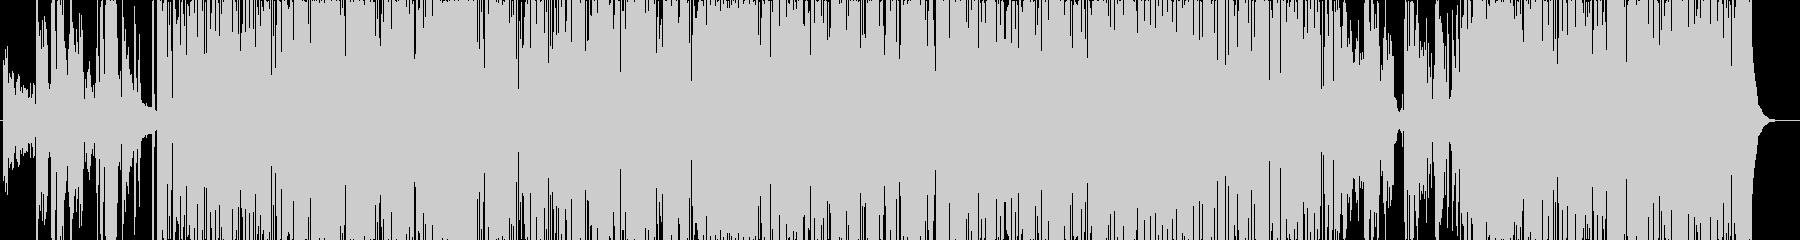 ジャズとファンク。非常に低いグルー...の未再生の波形